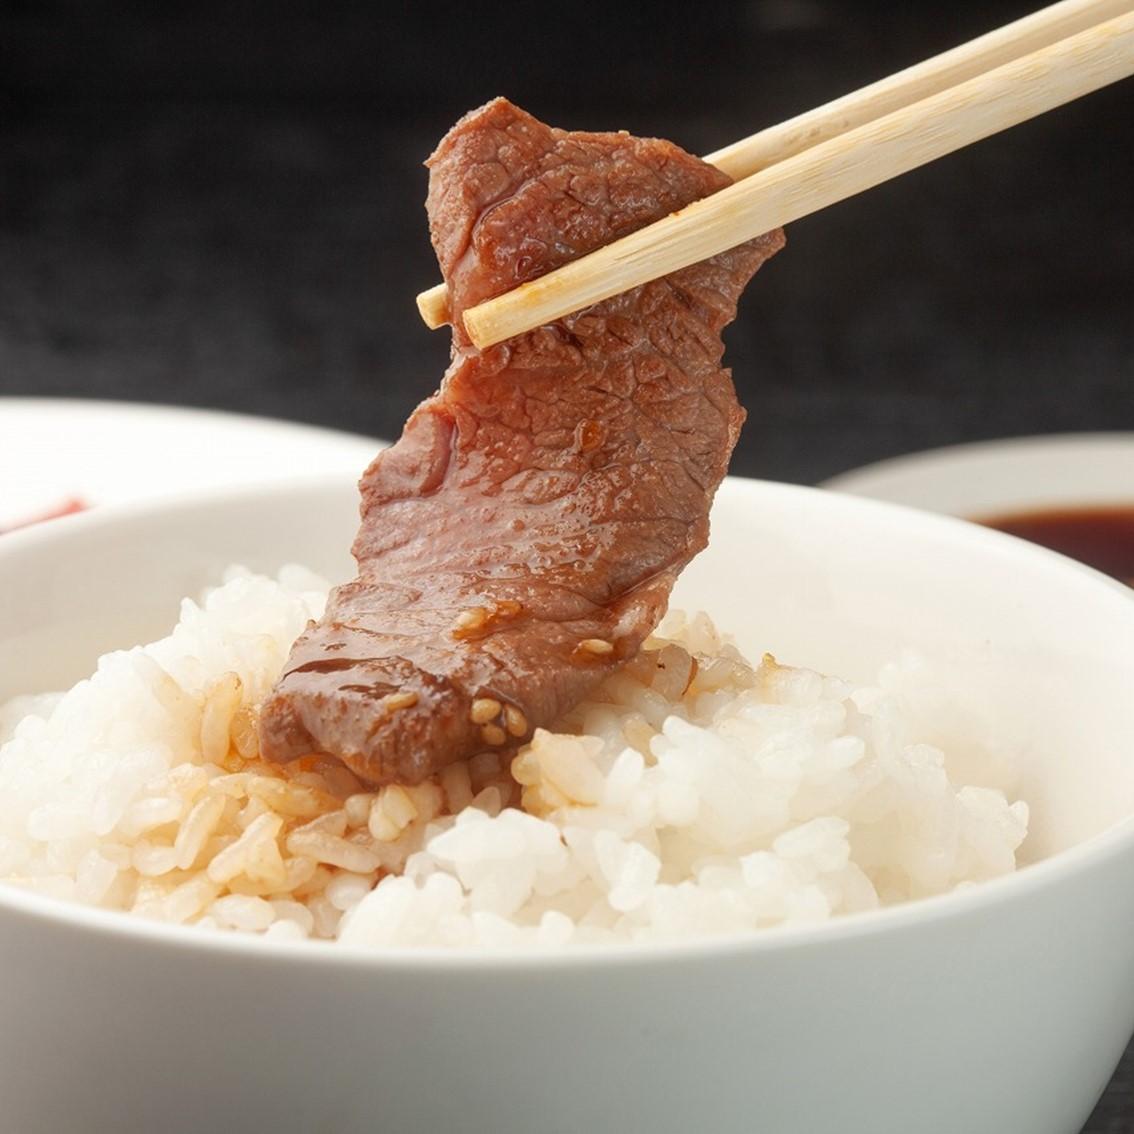 熟成赤身のミスジ焼肉カット【カナディアンビーフ】300g